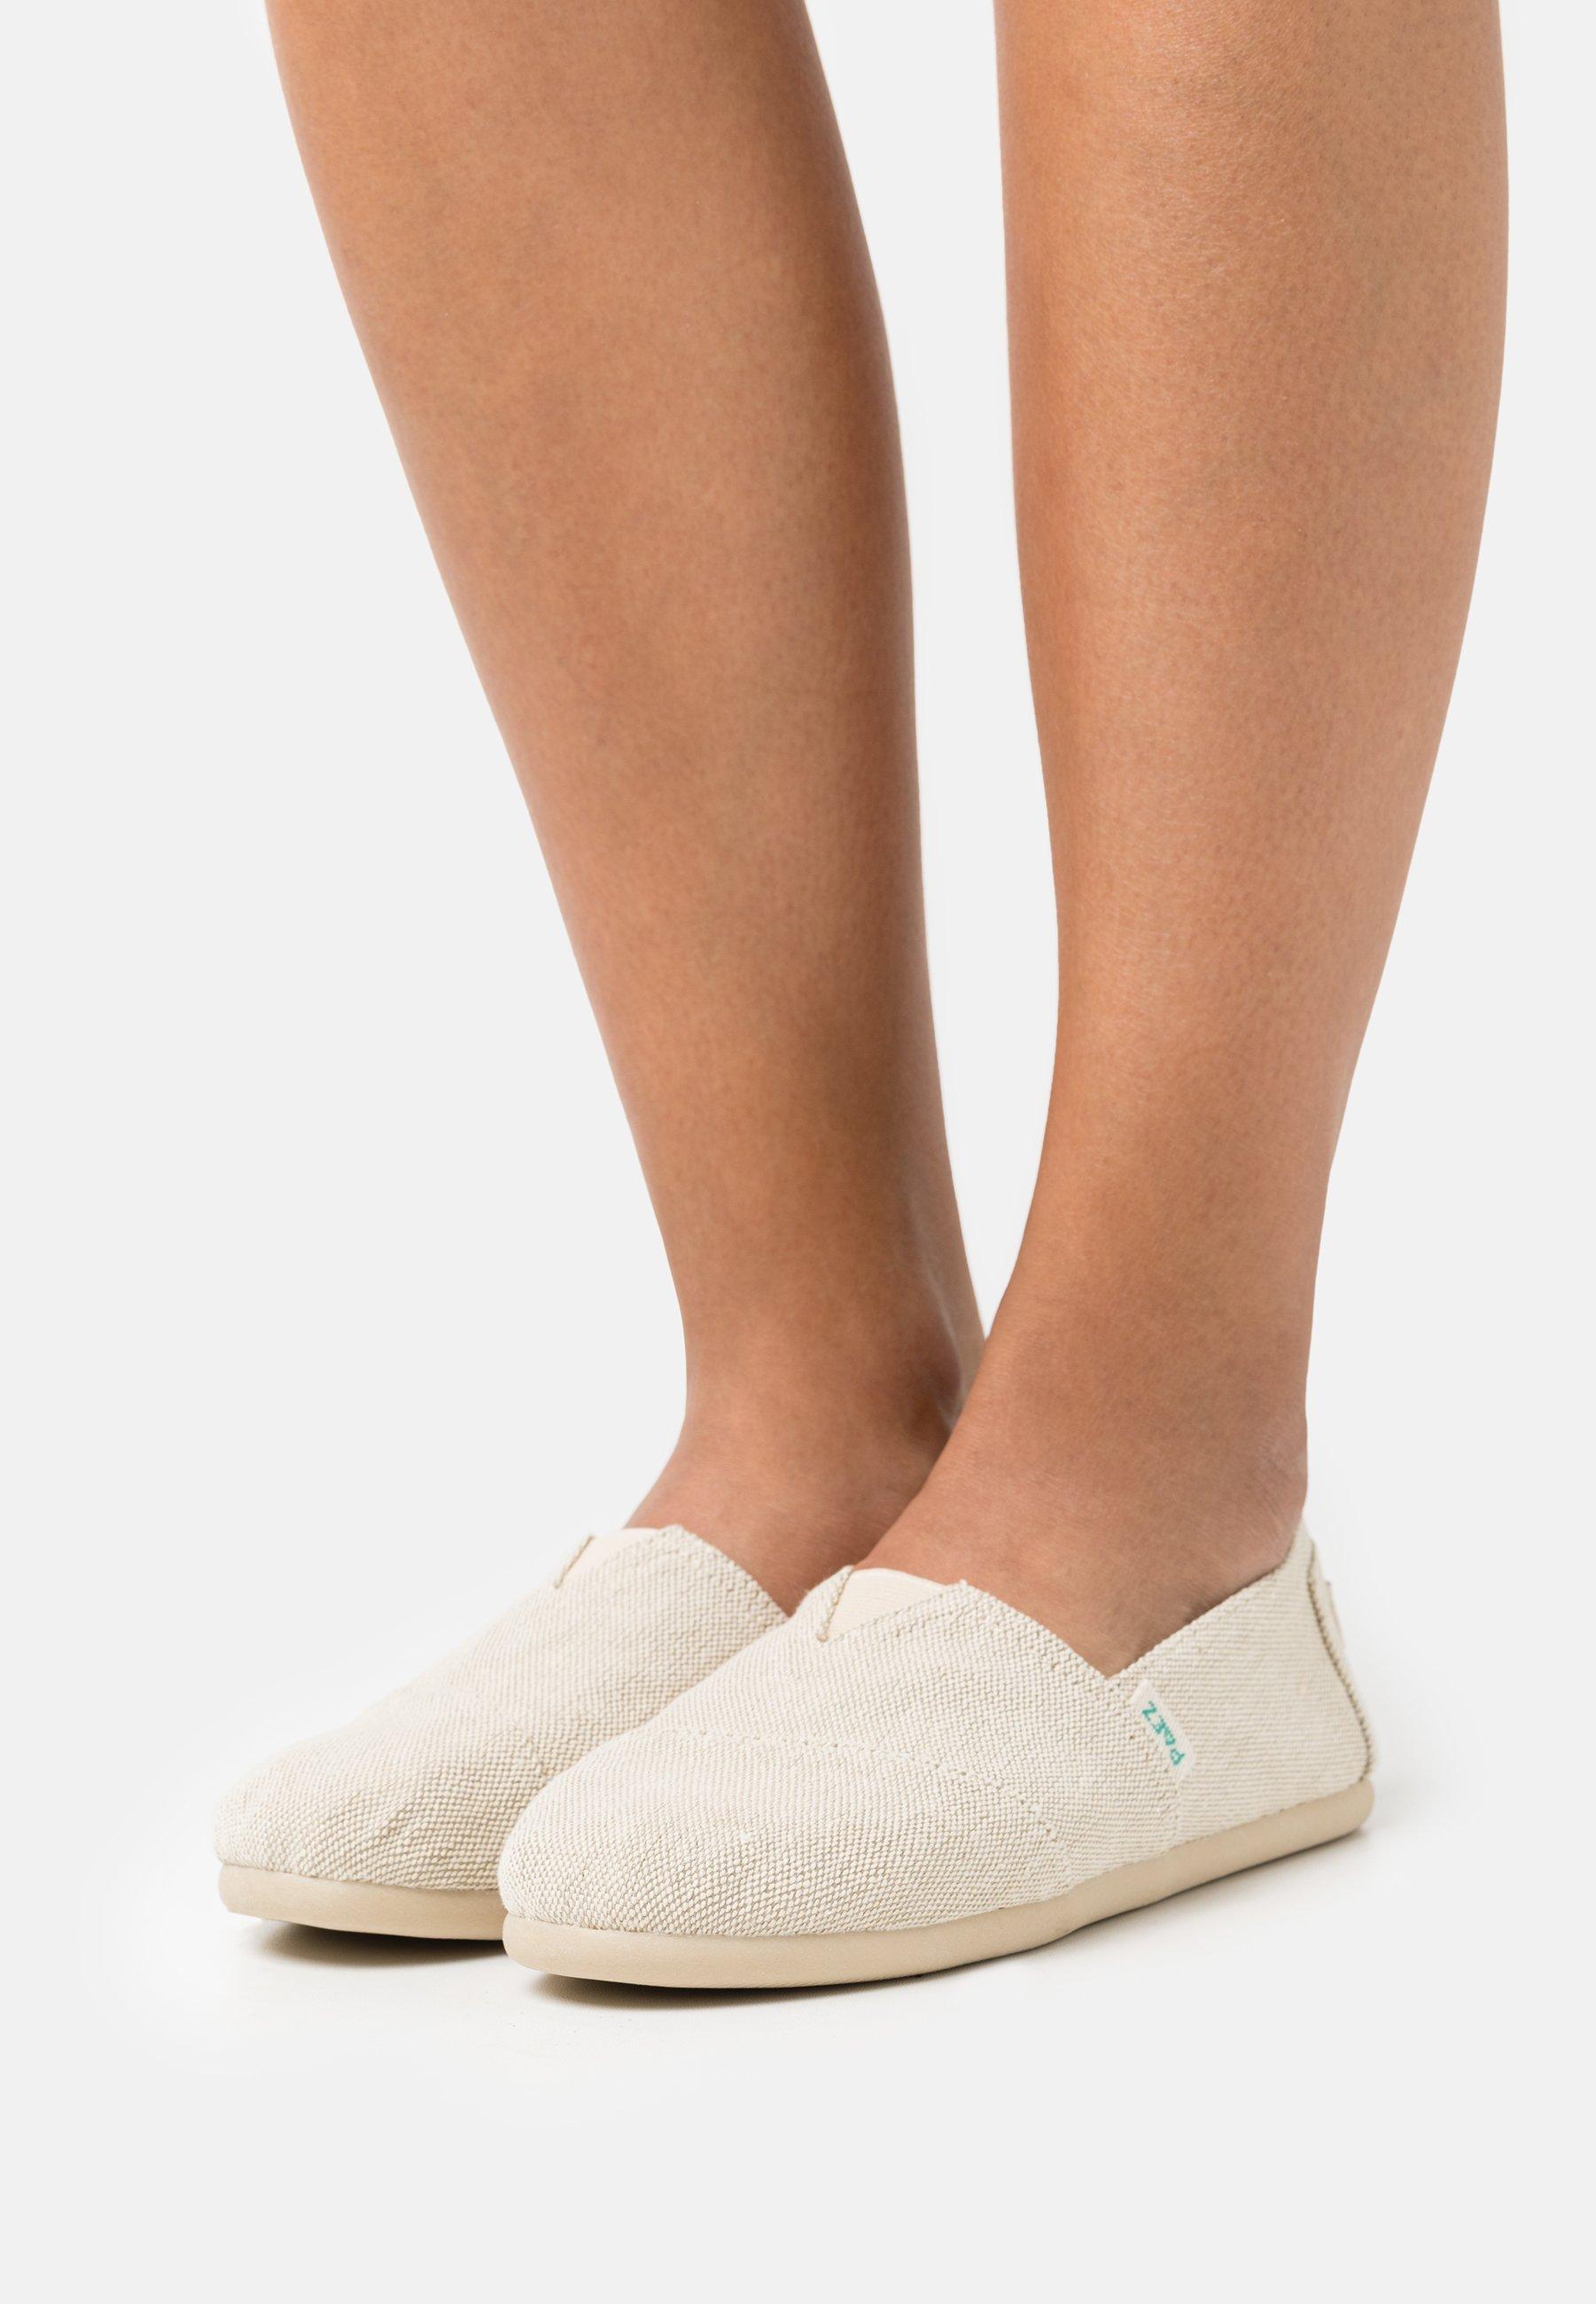 Uomo CLASSIC COMBI - Scarpe senza lacci